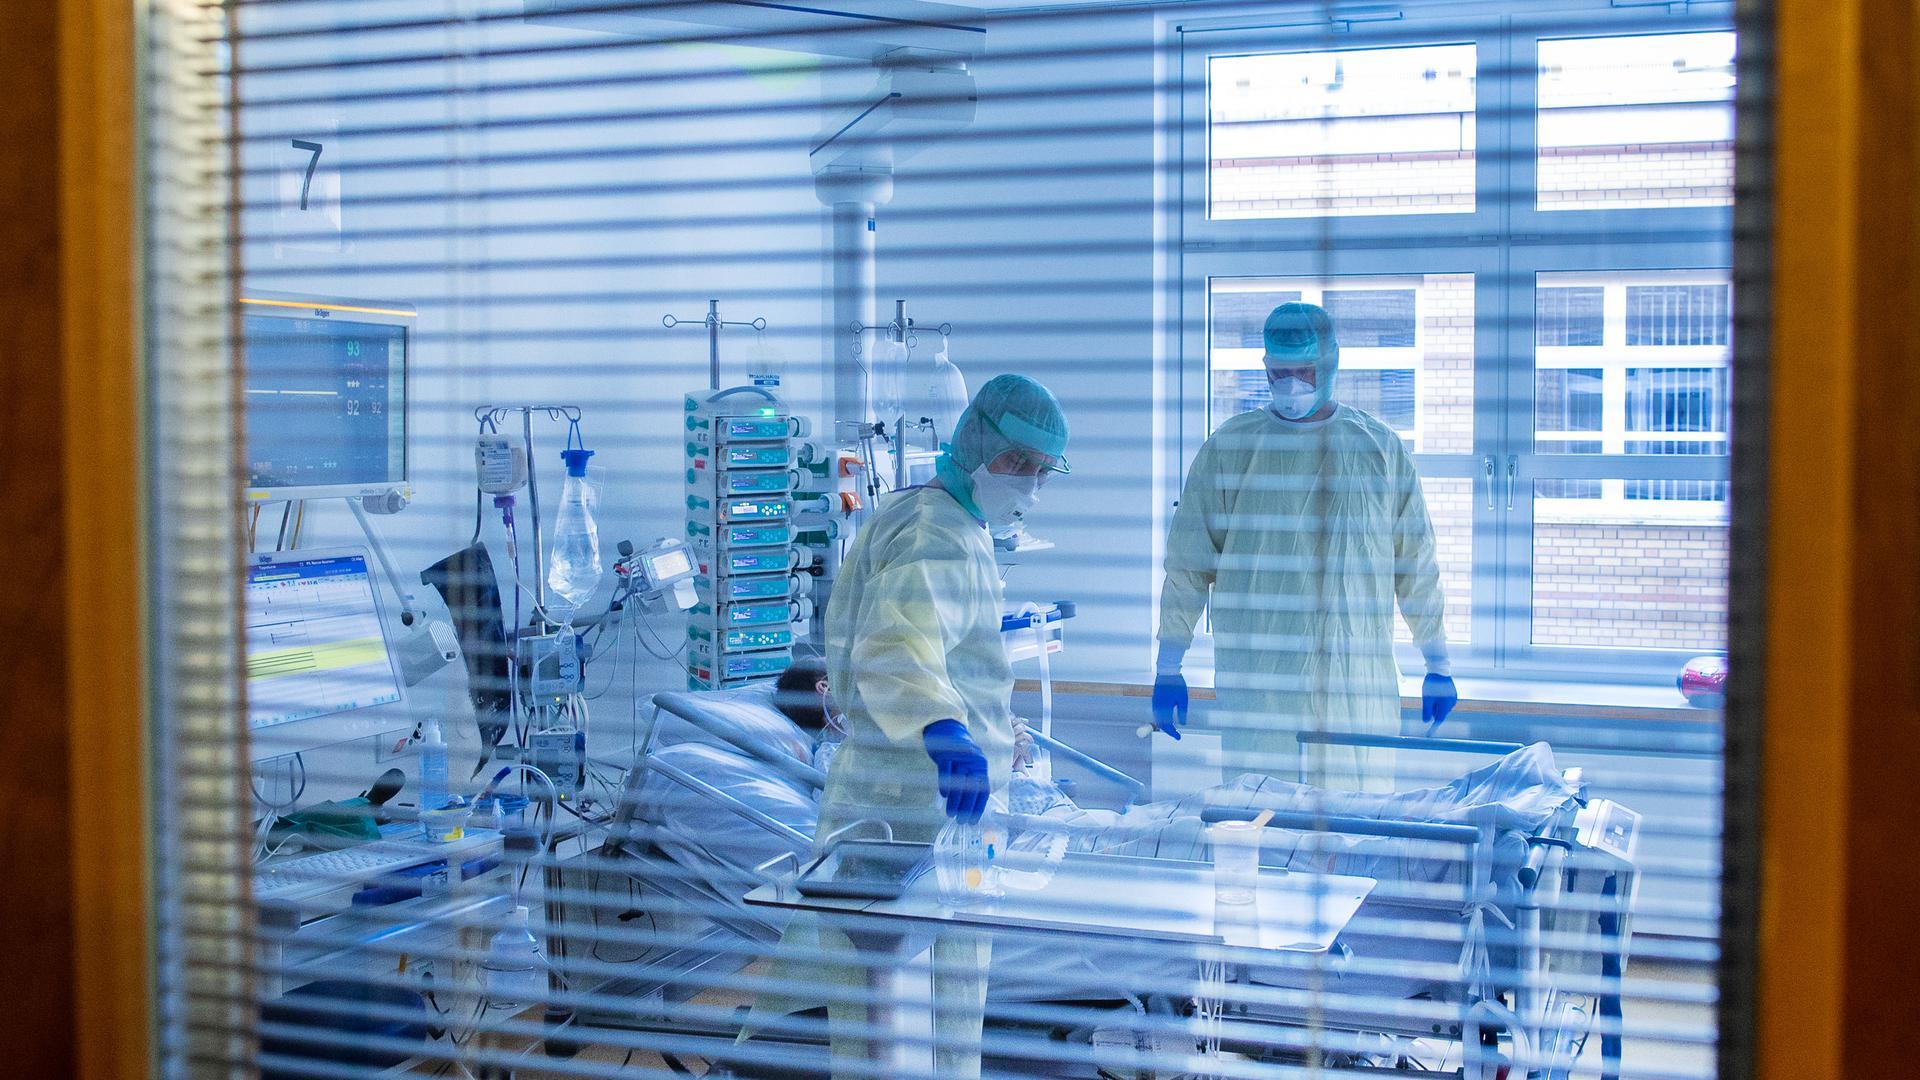 """Mediziner und Pfleger versorgen einen an Covid-19 erkrankten Patienten in einem Zimmer des besonders geschützten Teils der Intensivstation des Universitätsklinikums Greifswald. (zu dpa """"Engpass bei Intensivbetten droht - Verlegung von Patienten"""") +++ dpa-Bildfunk +++"""